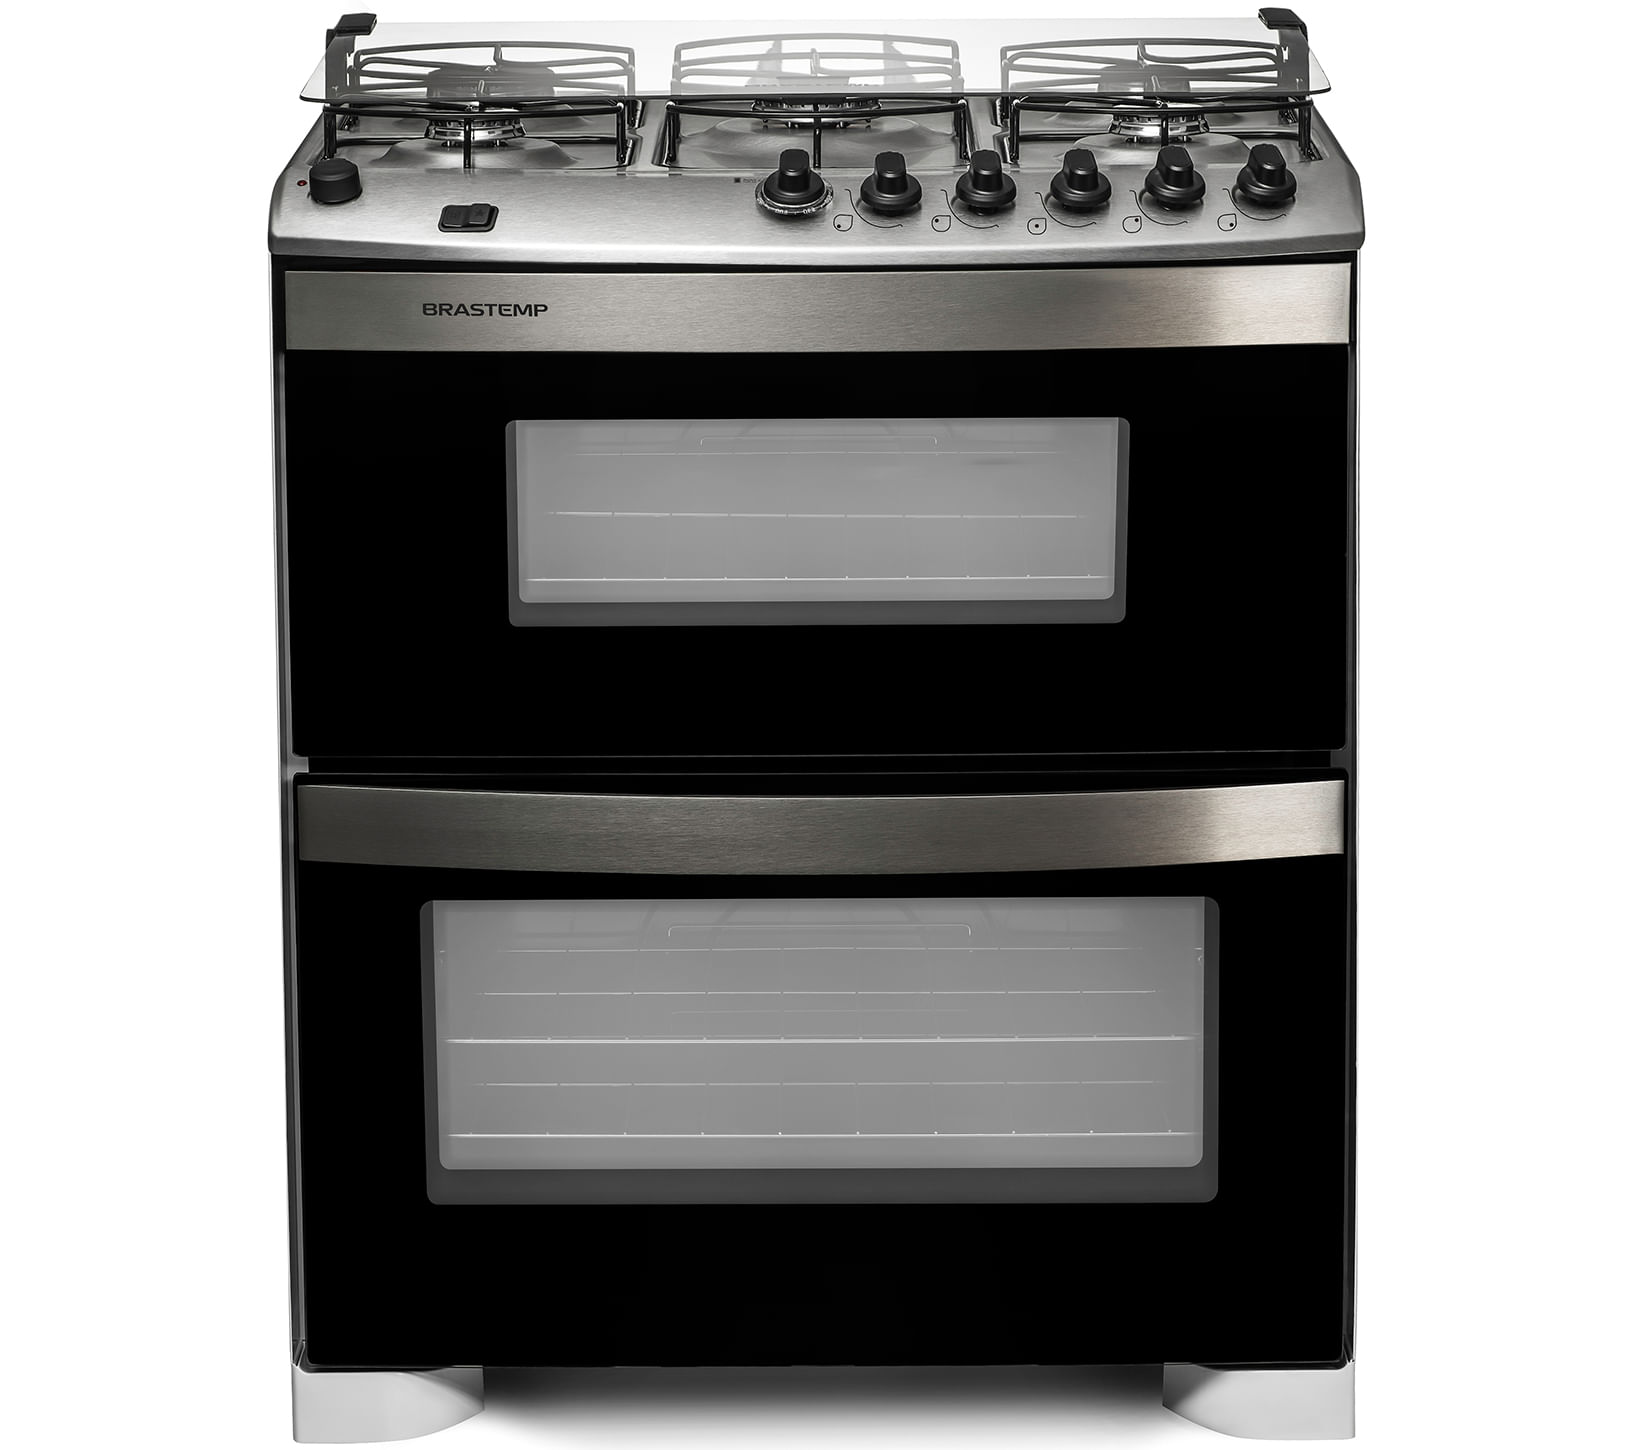 Fogão Brastemp 5 bocas duplo forno Branco com acendimento automático